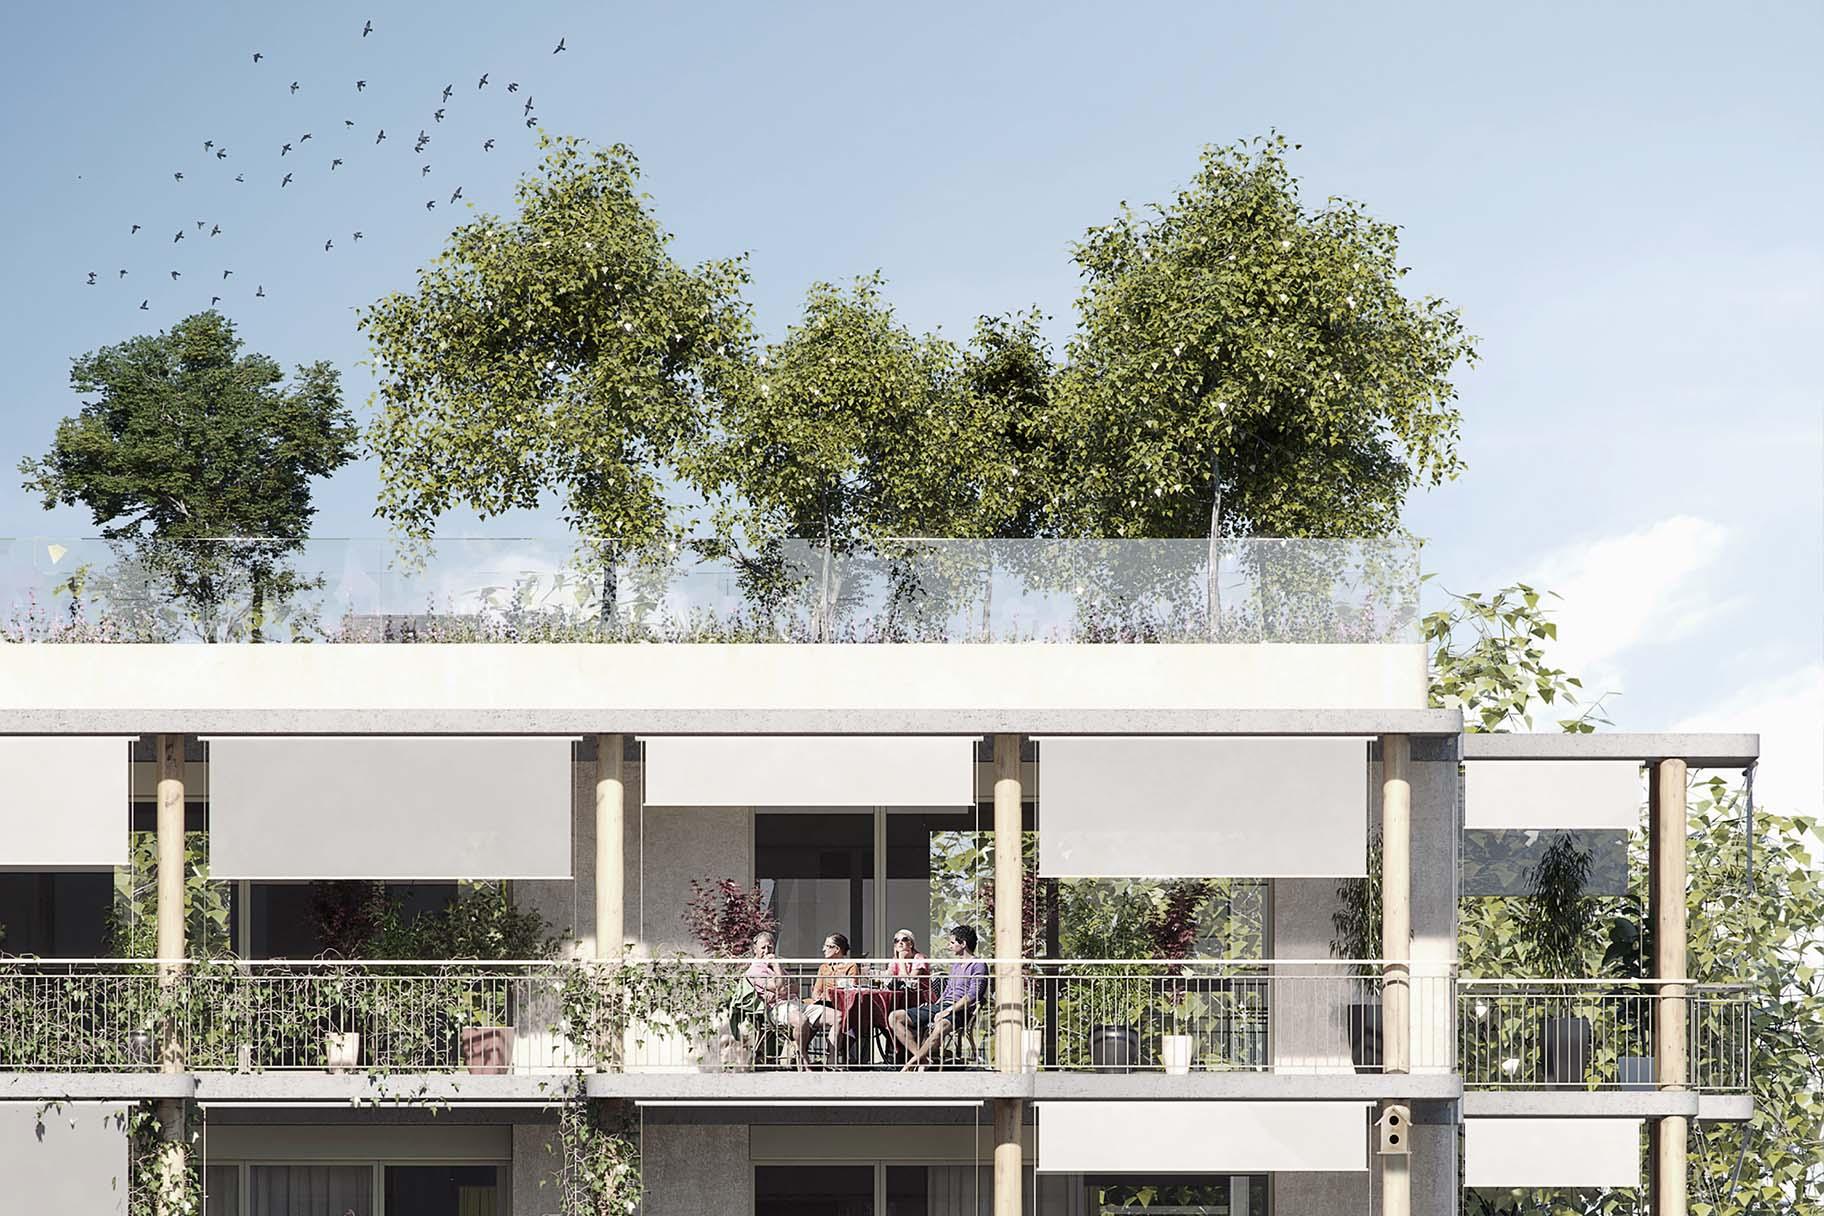 Projet lauréat pour le concours Chapelle-les-Sciers à Plan-les-Ouates par les bureaux ATBA et VIMADE pour la coopérative la Bistoquette, toiture et façade végétalisé, et nature en ville.